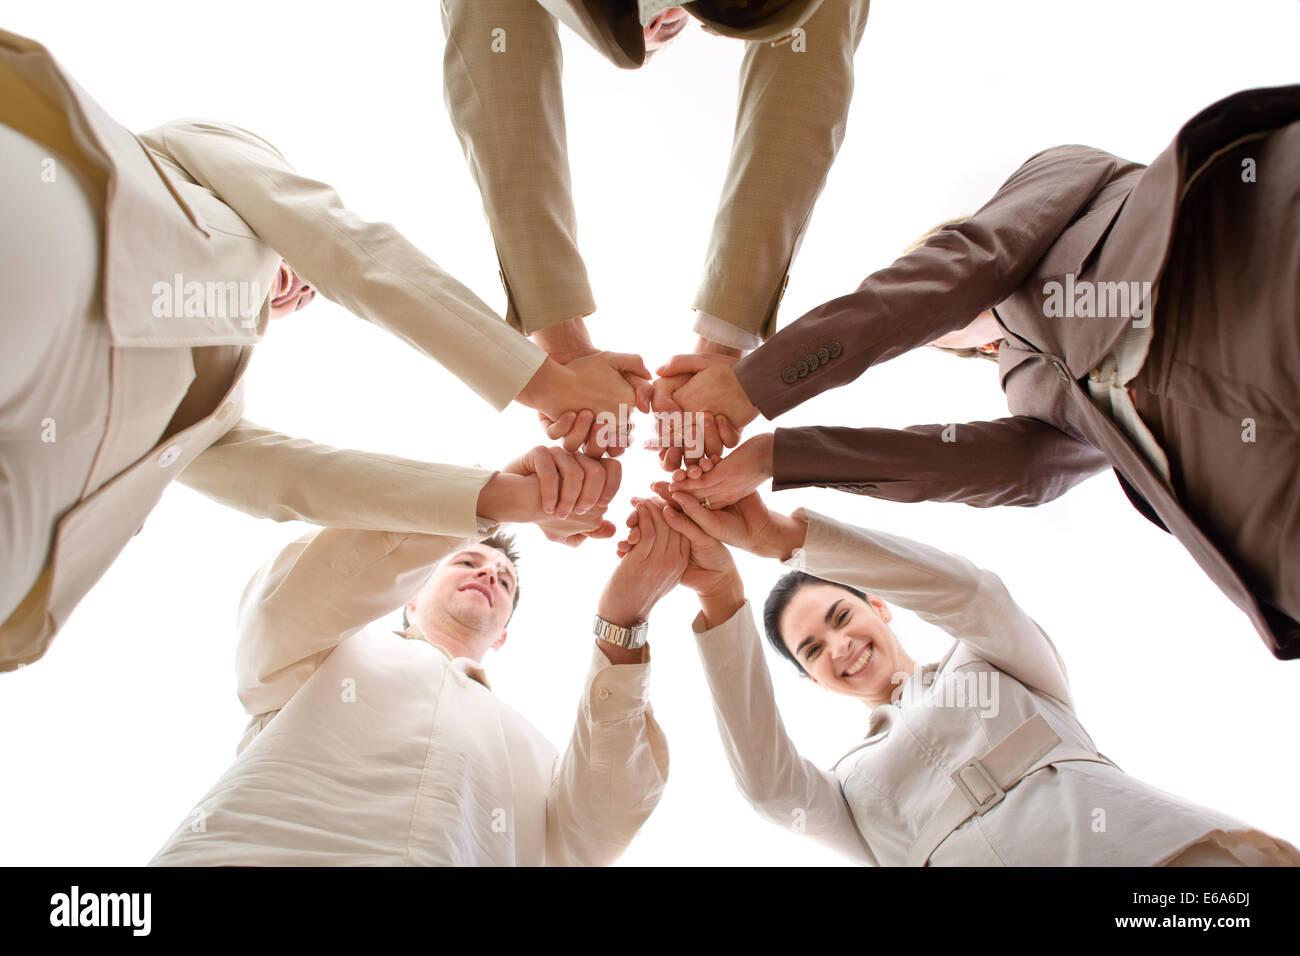 Teamarbeit, Team, Zusammenarbeit Stockbild